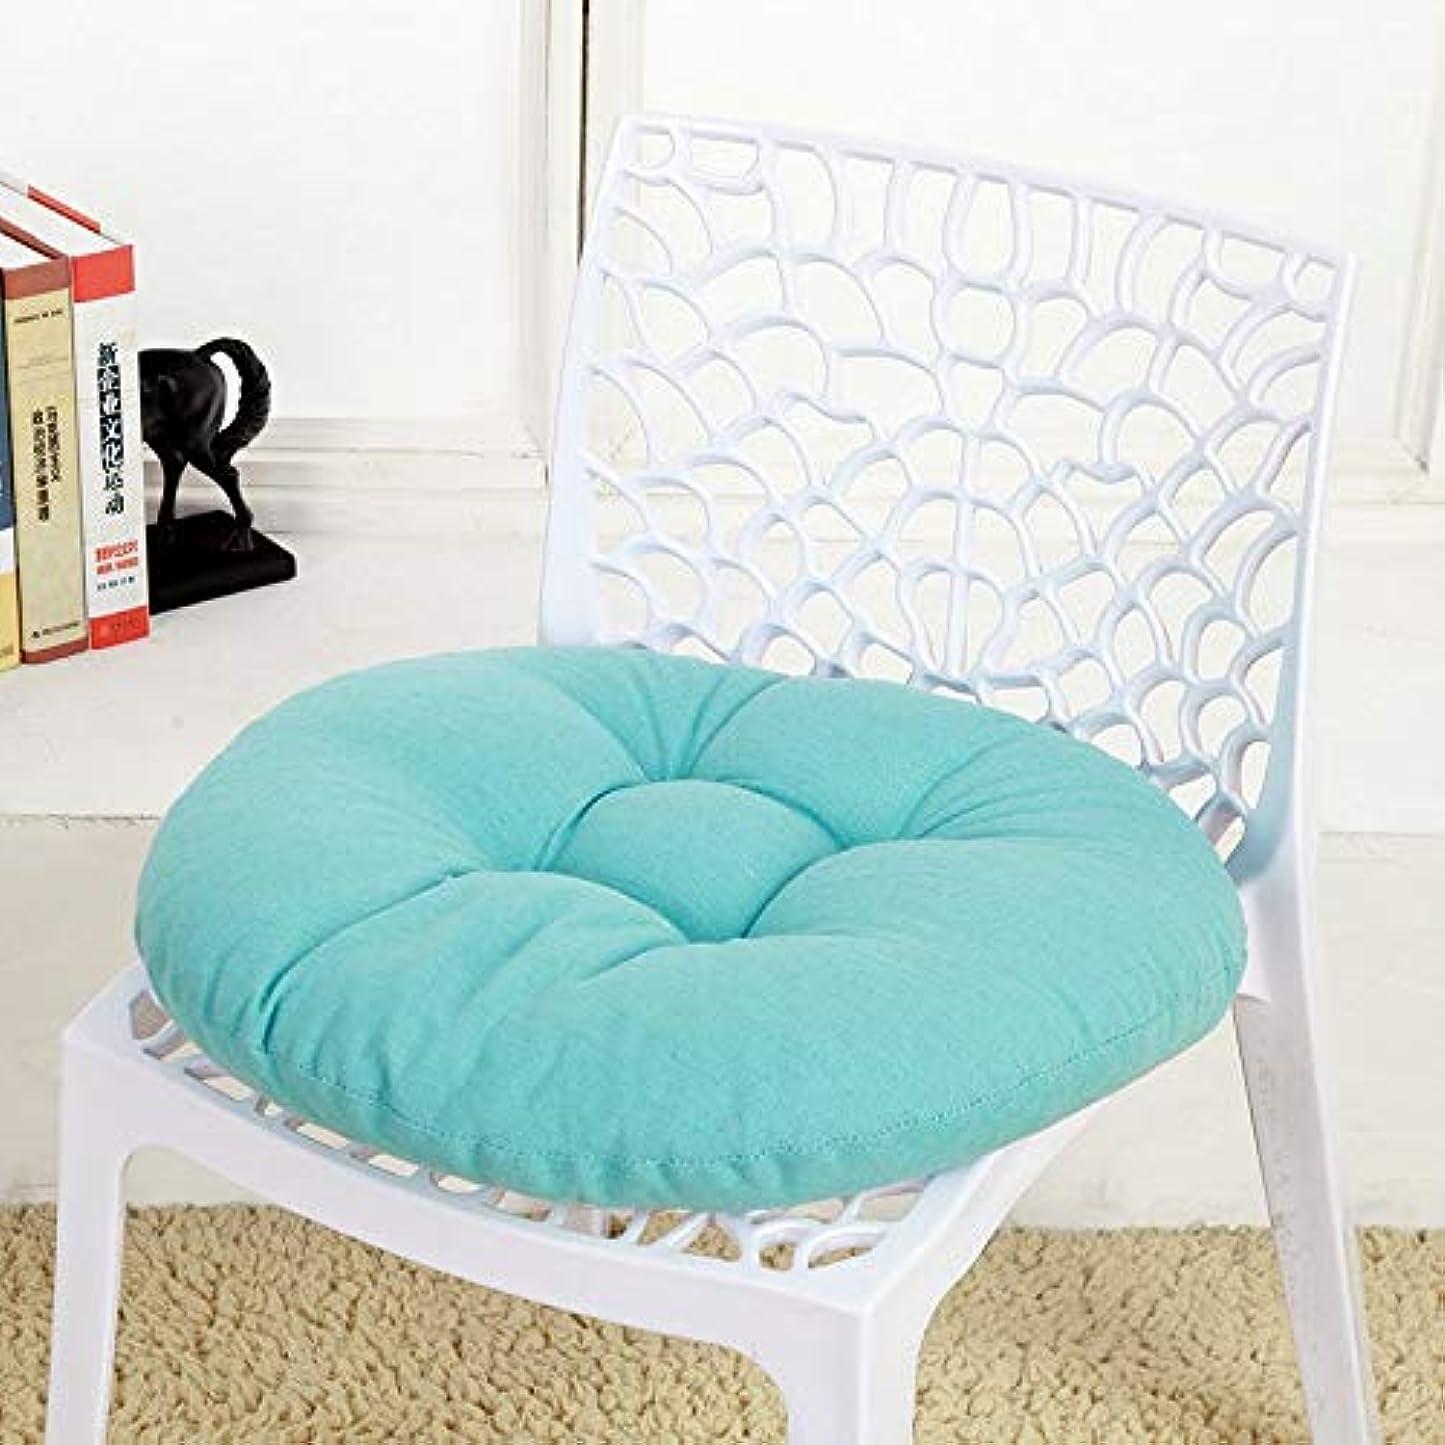 満たす黒ひそかにLIFE キャンディカラーのクッションラウンドシートクッション波ウィンドウシートクッションクッション家の装飾パッドラウンド枕シート枕椅子座る枕 クッション 椅子